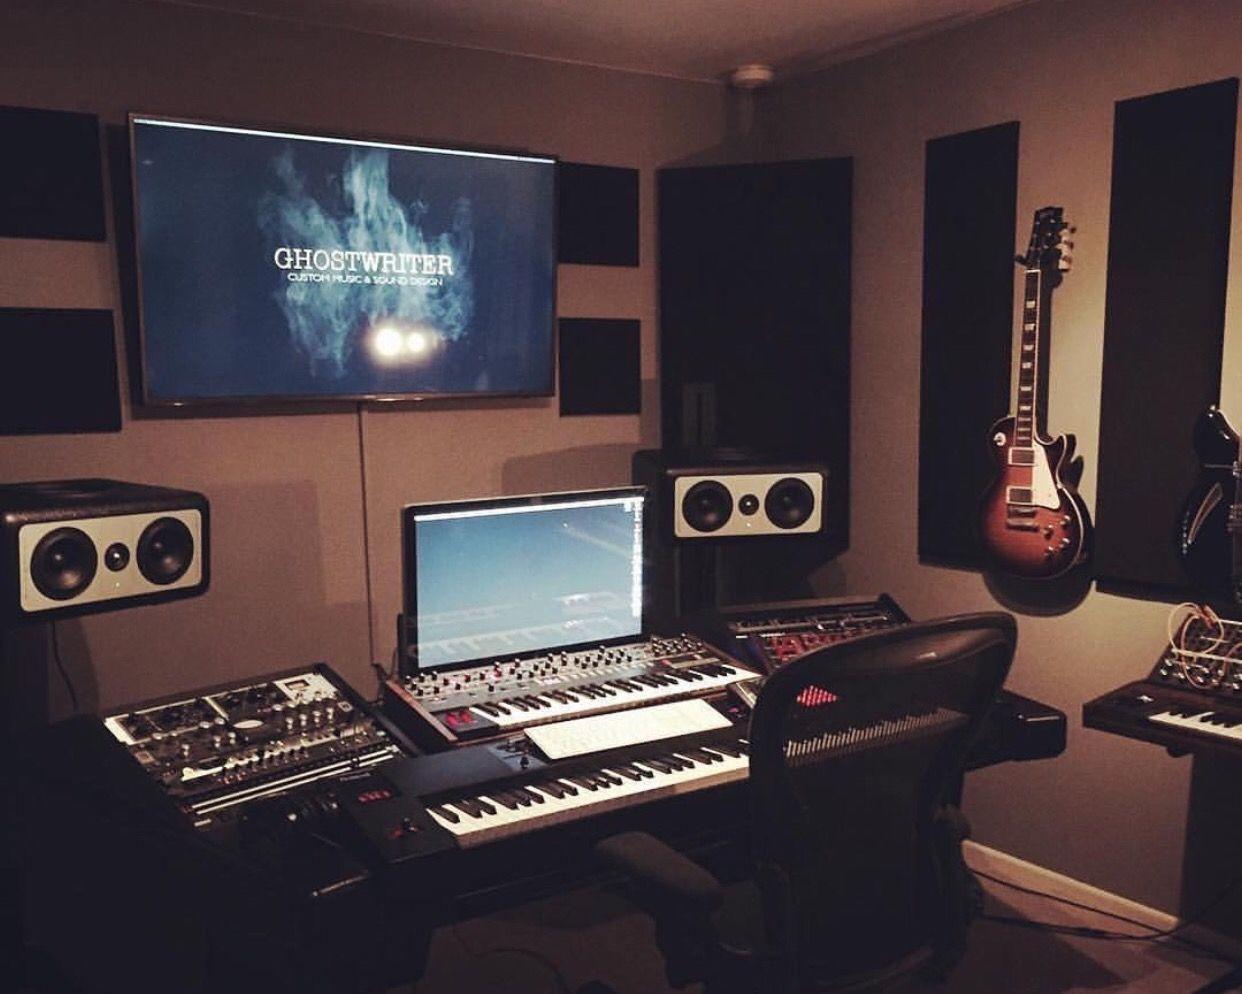 Pin von Mean Gene auf COOL RECORDING STUDIO SETUPS | Pinterest ...